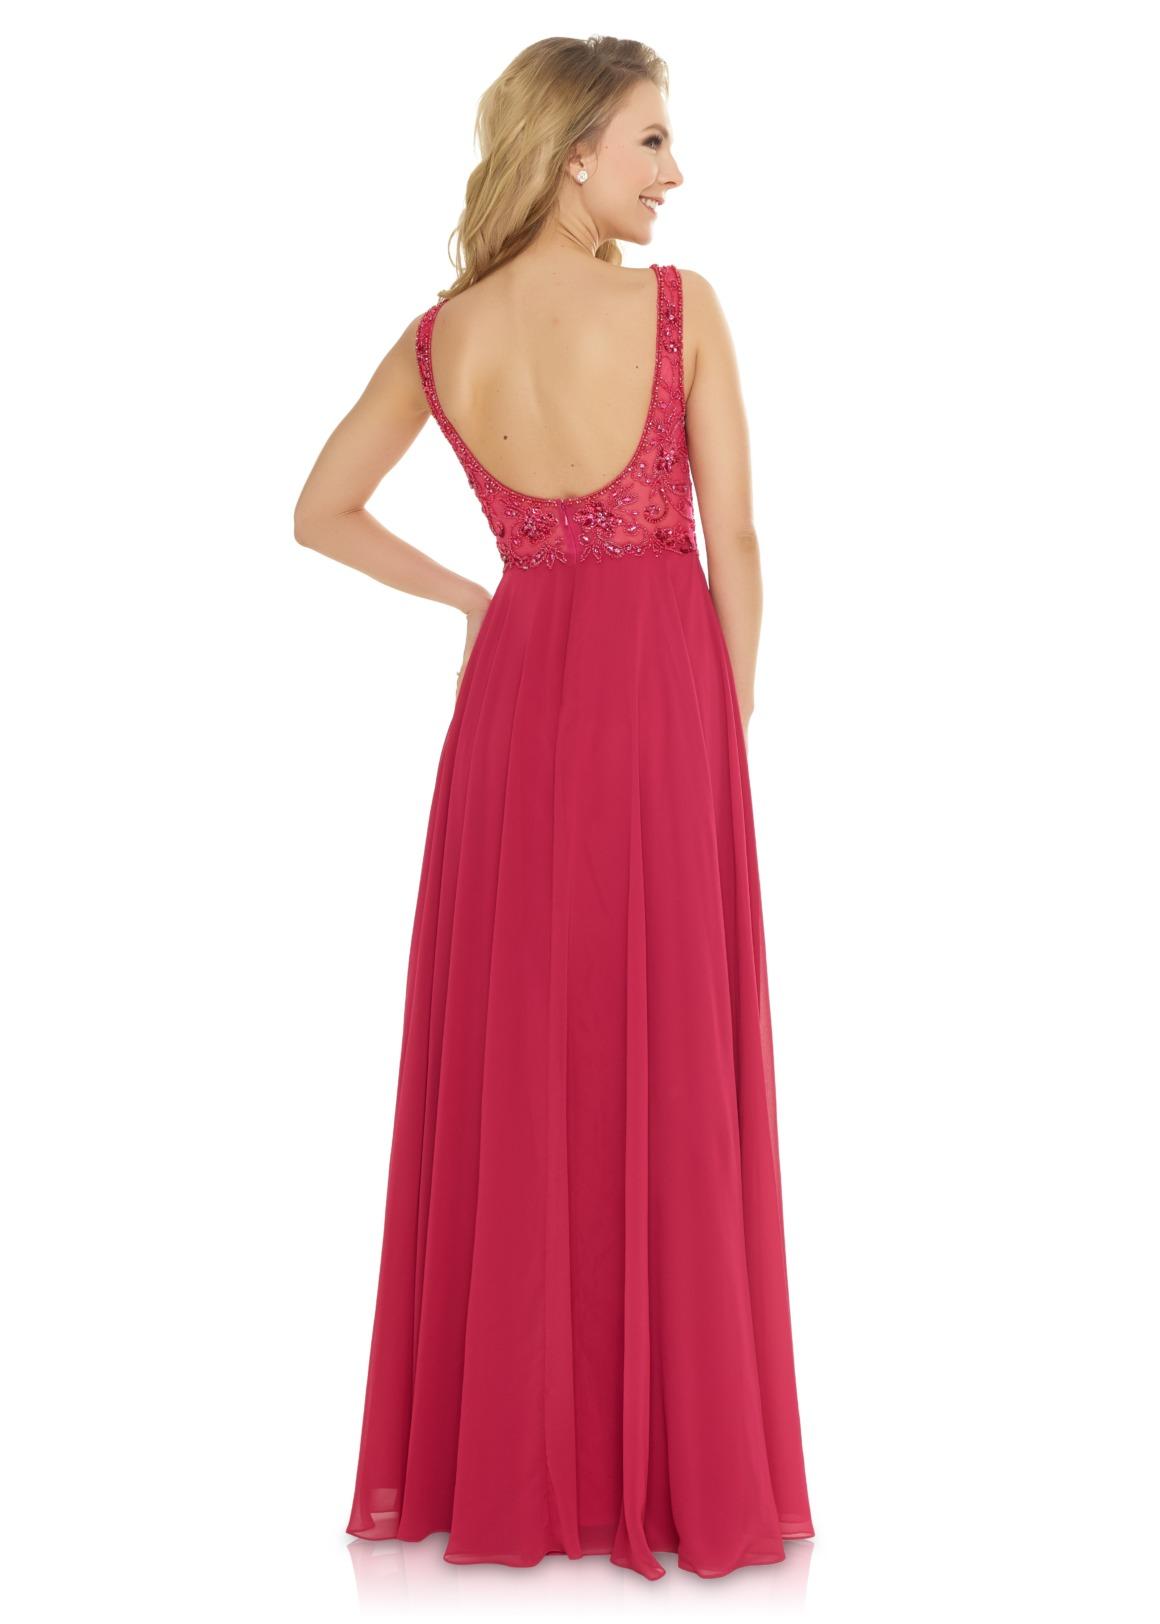 Schützenfest Festmode Anlass Brautjungfern Kleid Hochzeit Mode klassisch Trauzeugin Brides Maid  berry rot soft pastell Rücken Ansicht